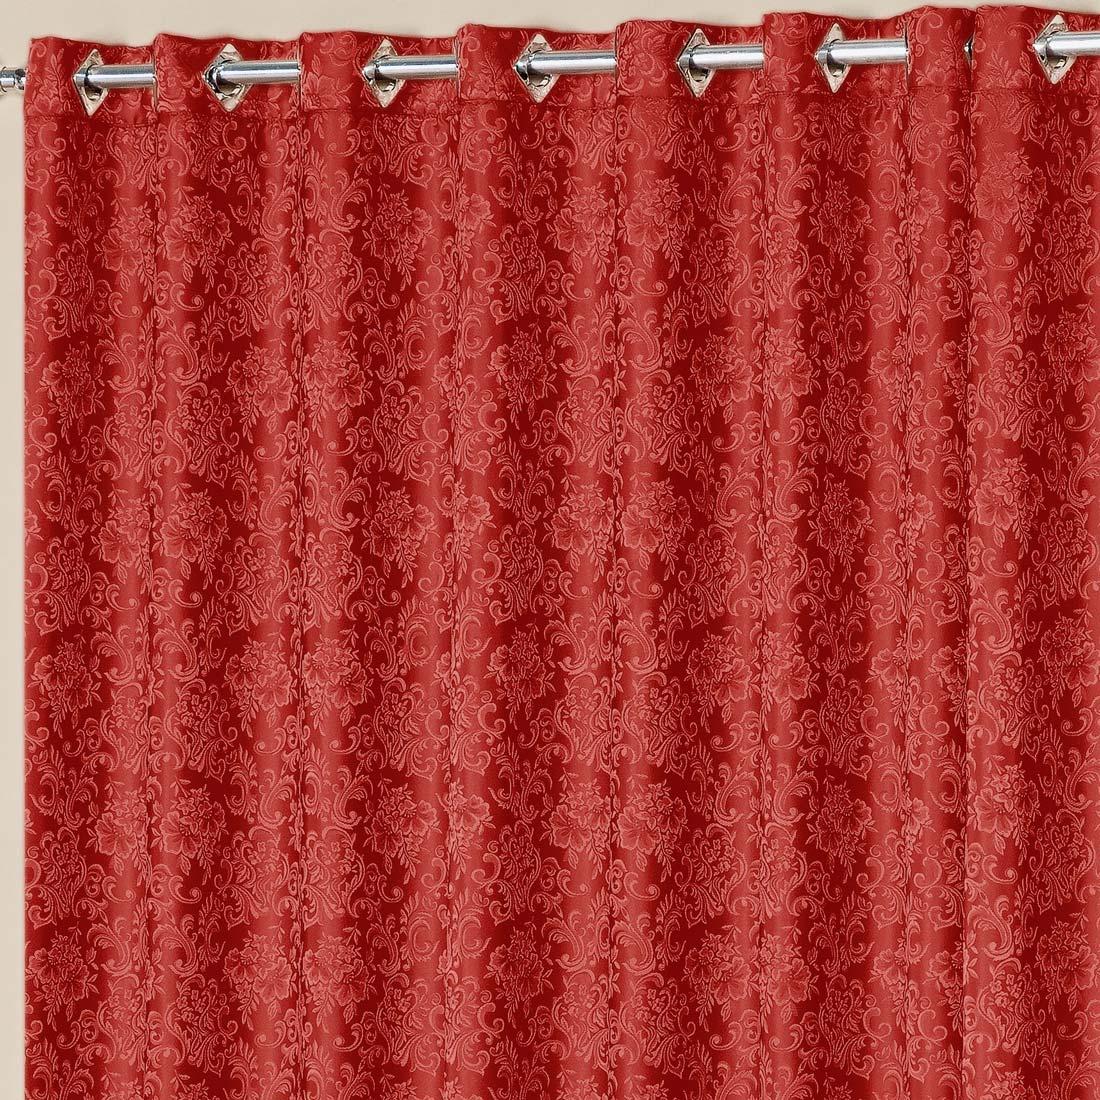 Cortina Nobre Jacquard Vermelho 2,00m x 1,70m p/ Varão Simples